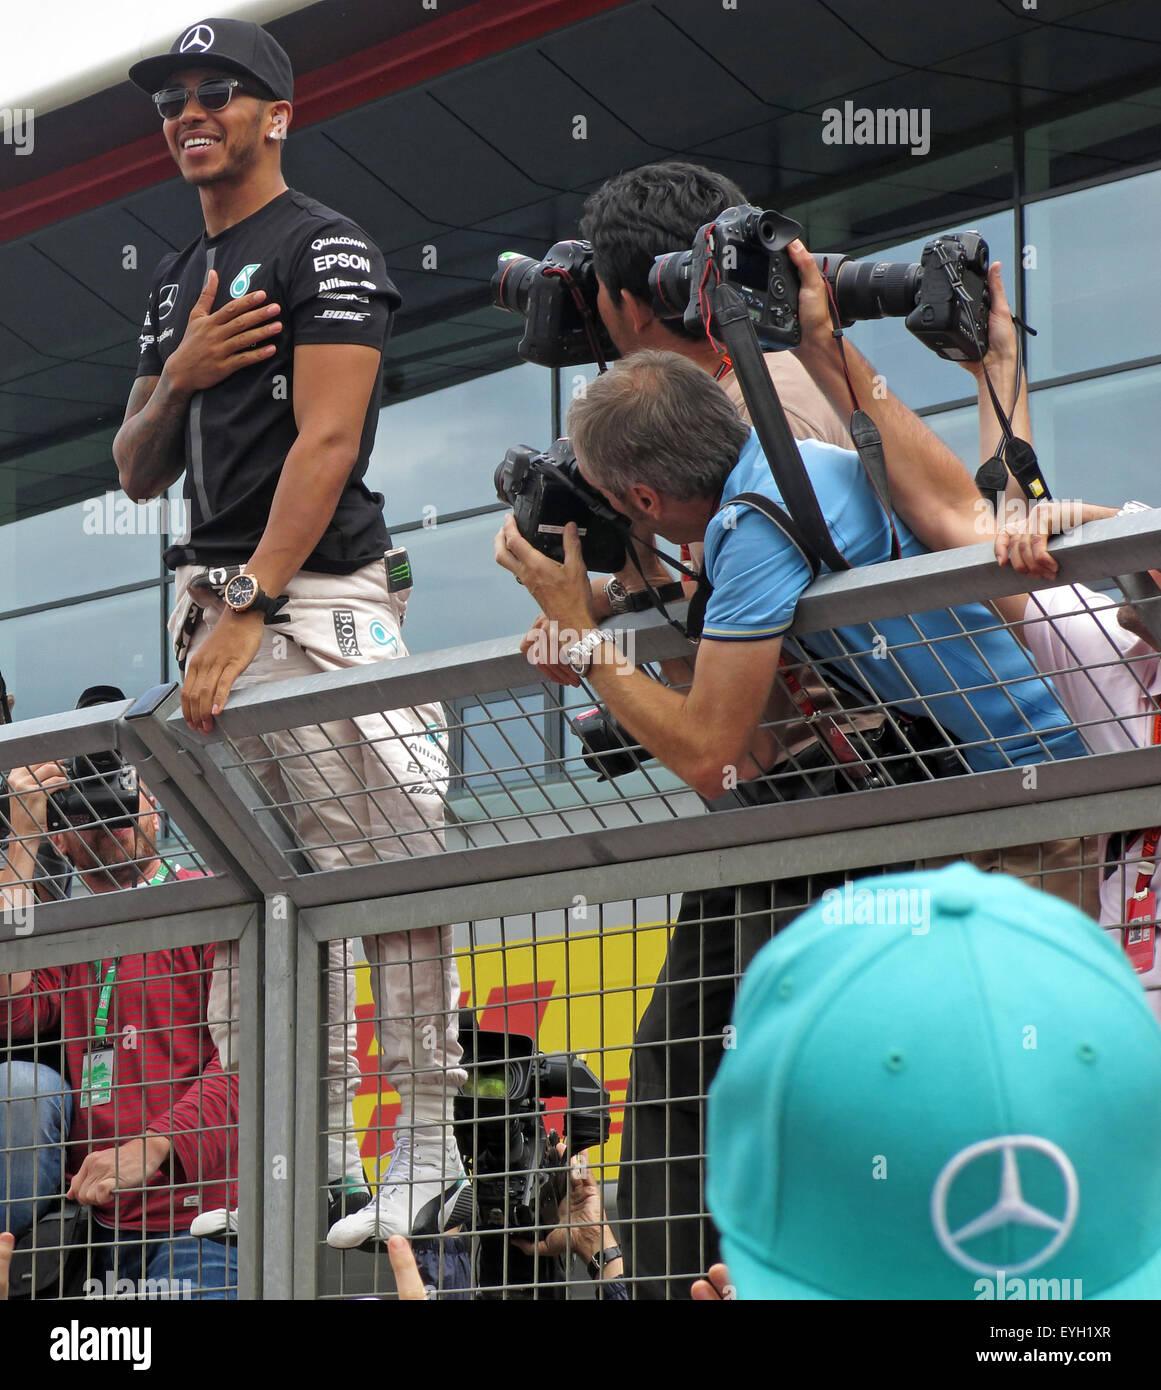 Lewis Hamilton in the pit area,Silverstone F1 Grand Prix 2015 - Stock Image